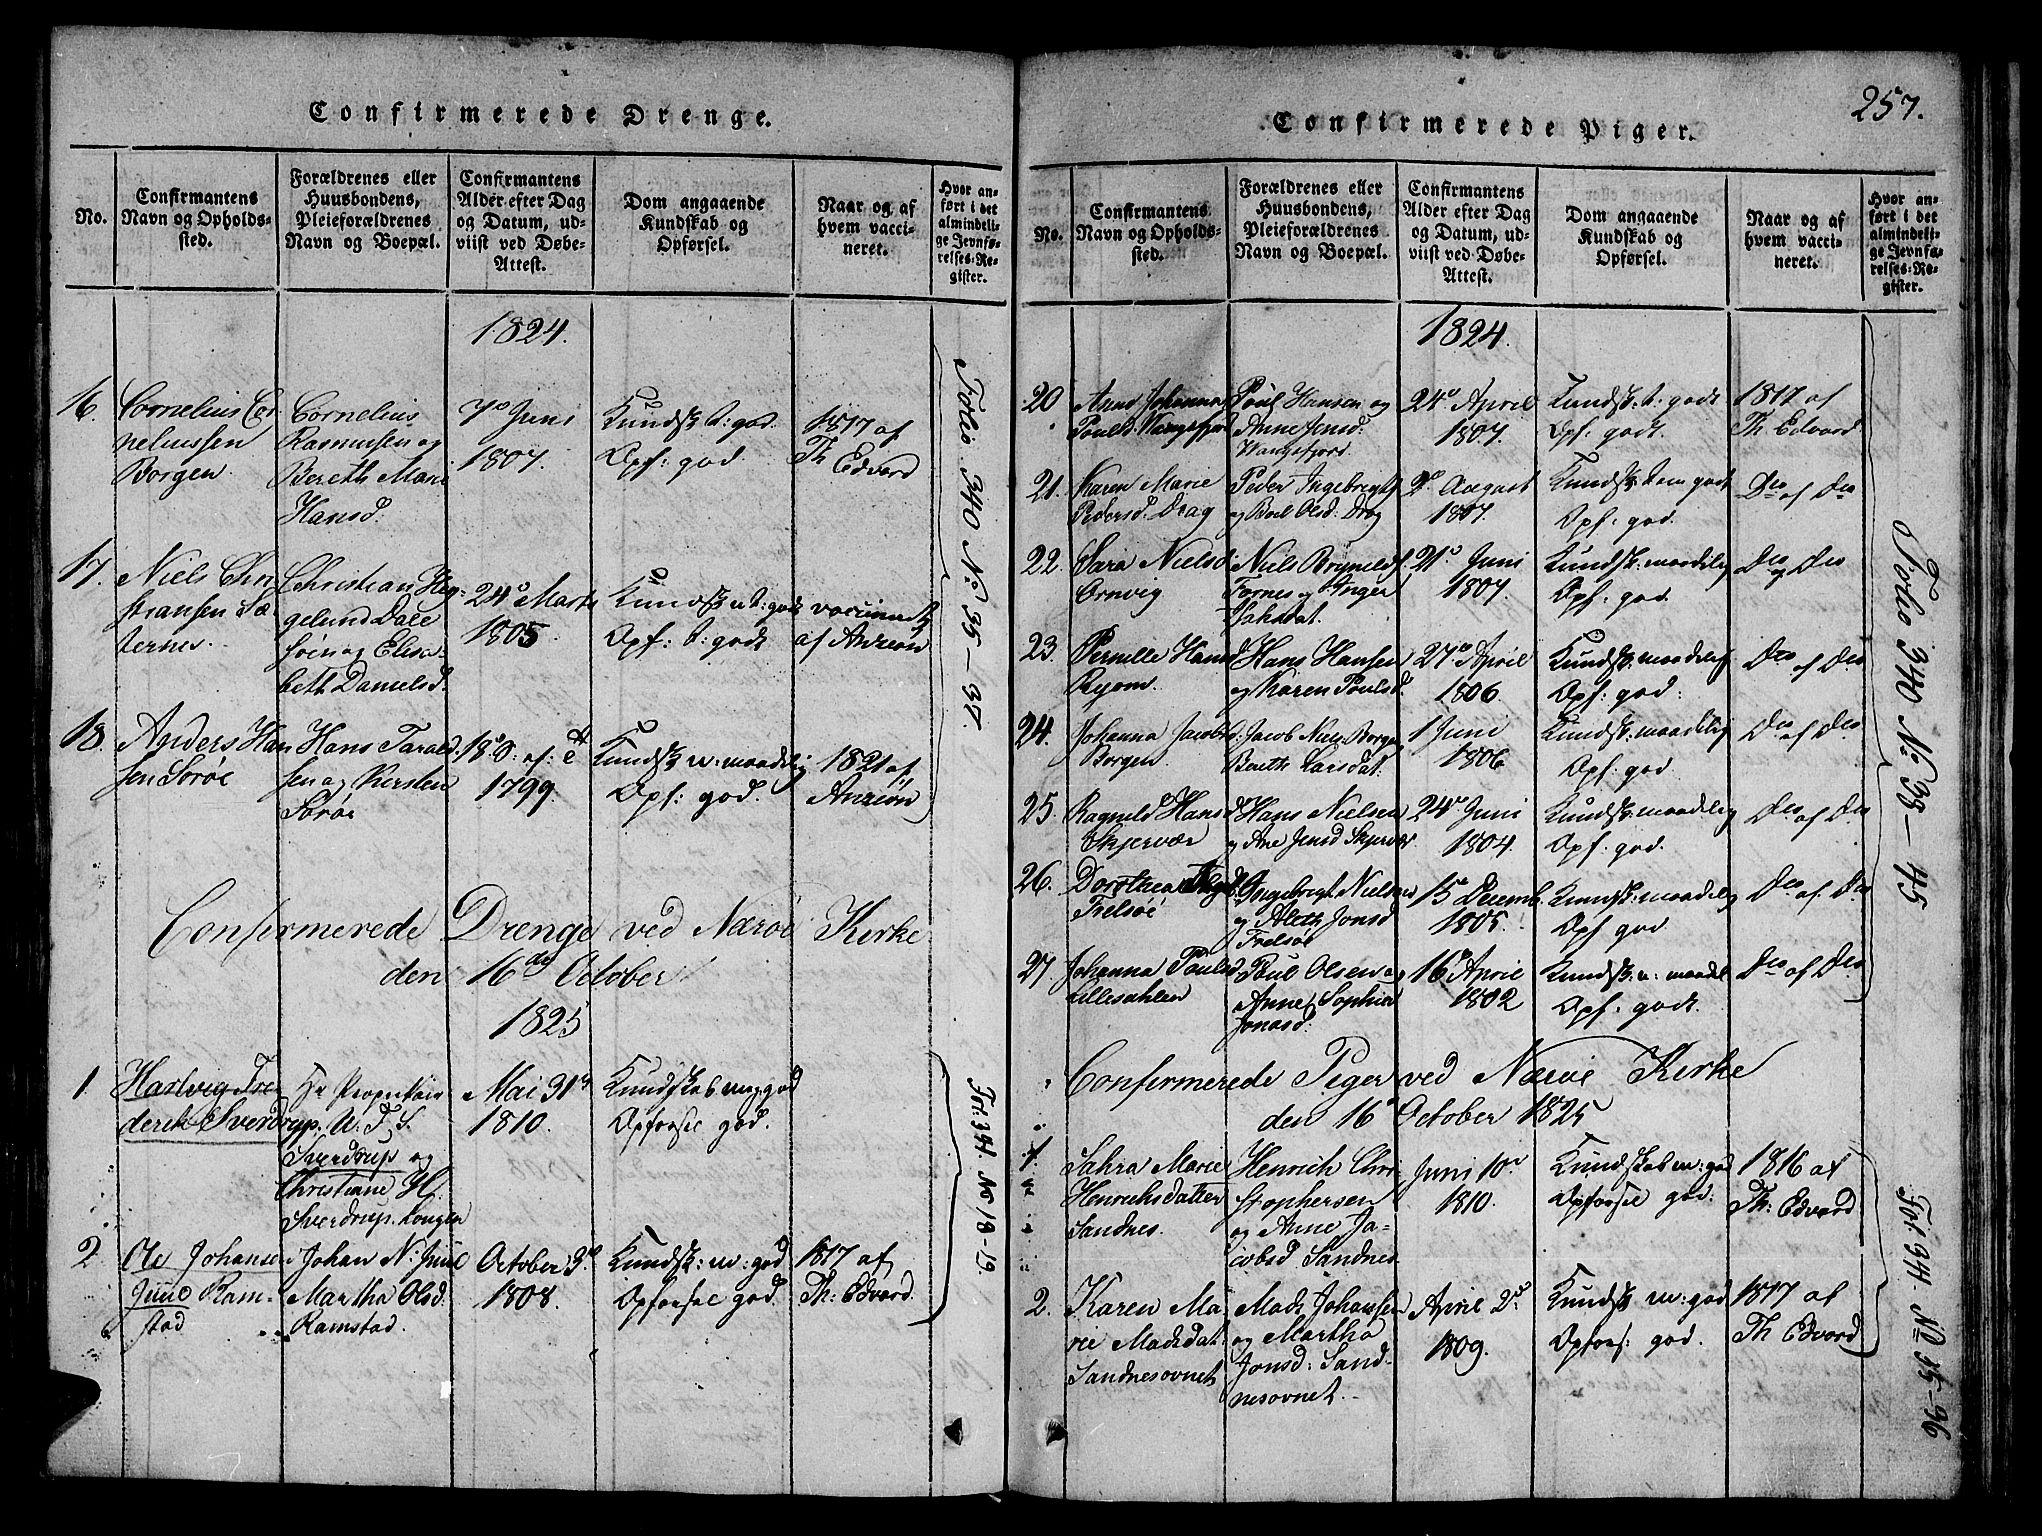 SAT, Ministerialprotokoller, klokkerbøker og fødselsregistre - Nord-Trøndelag, 784/L0667: Ministerialbok nr. 784A03 /1, 1816-1829, s. 257